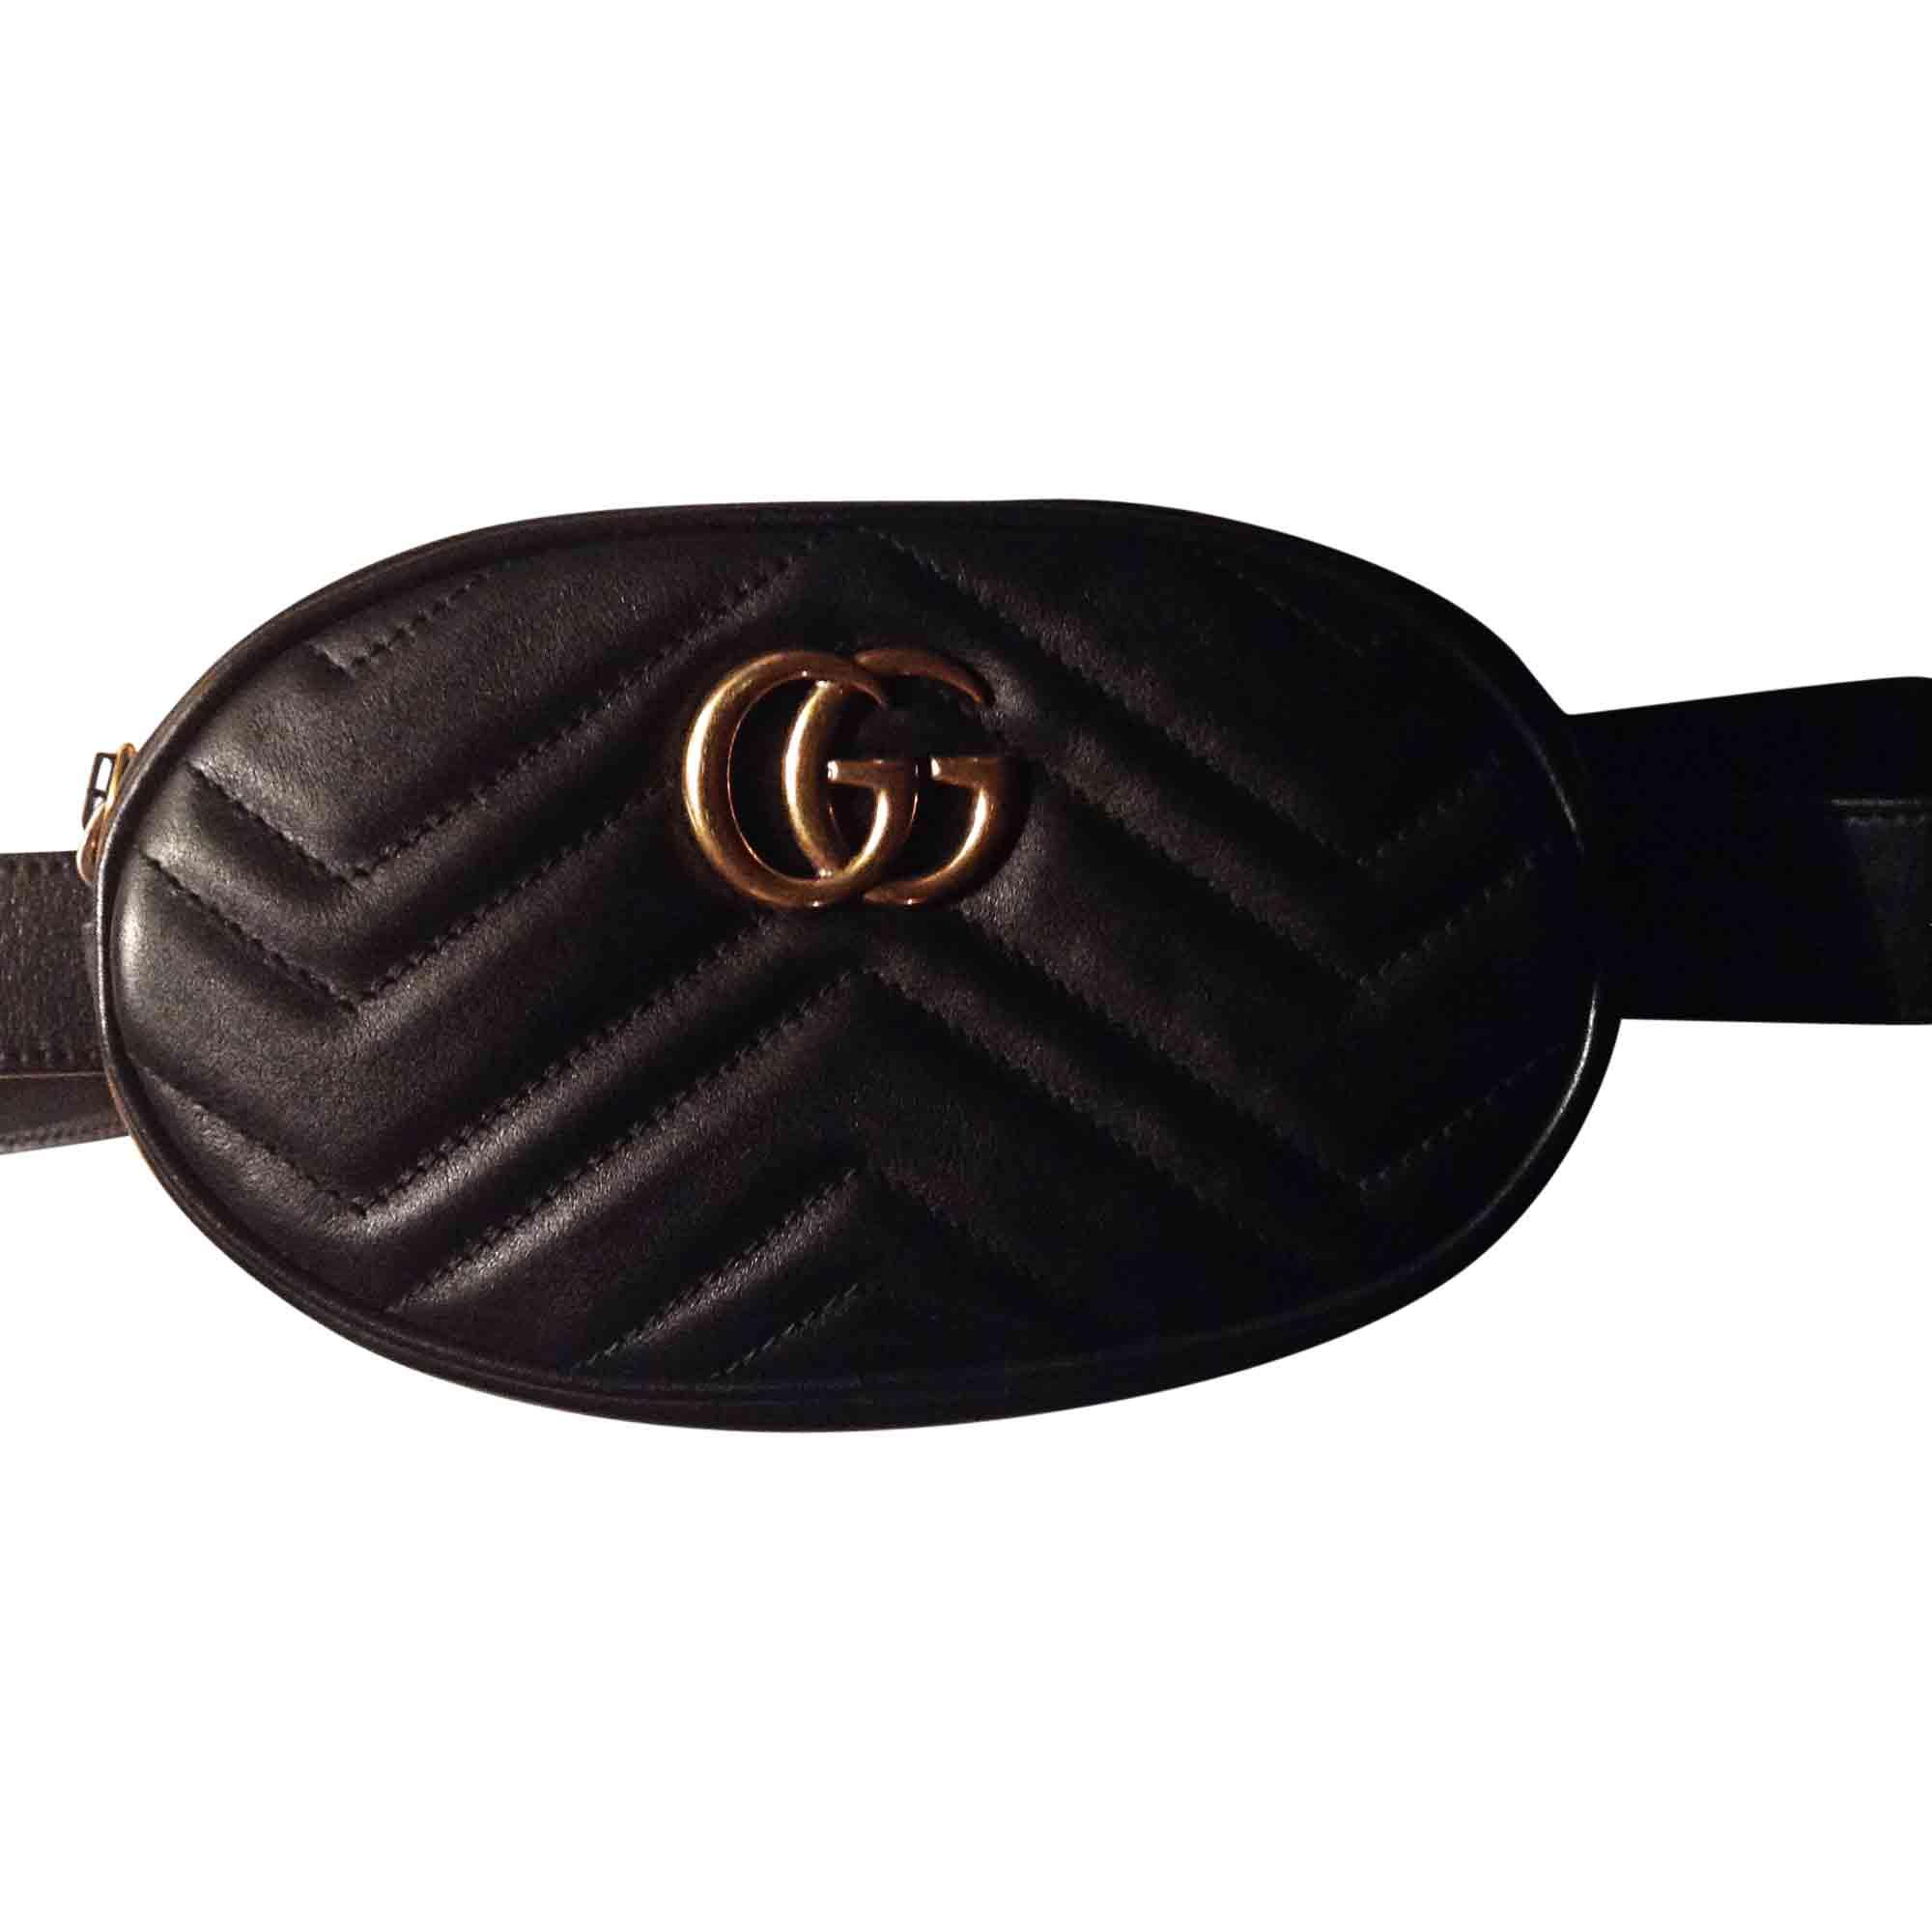 85fc0d91fafb Sac pochette en cuir GUCCI marmont noir vendu par Jonathan 52593296 ...